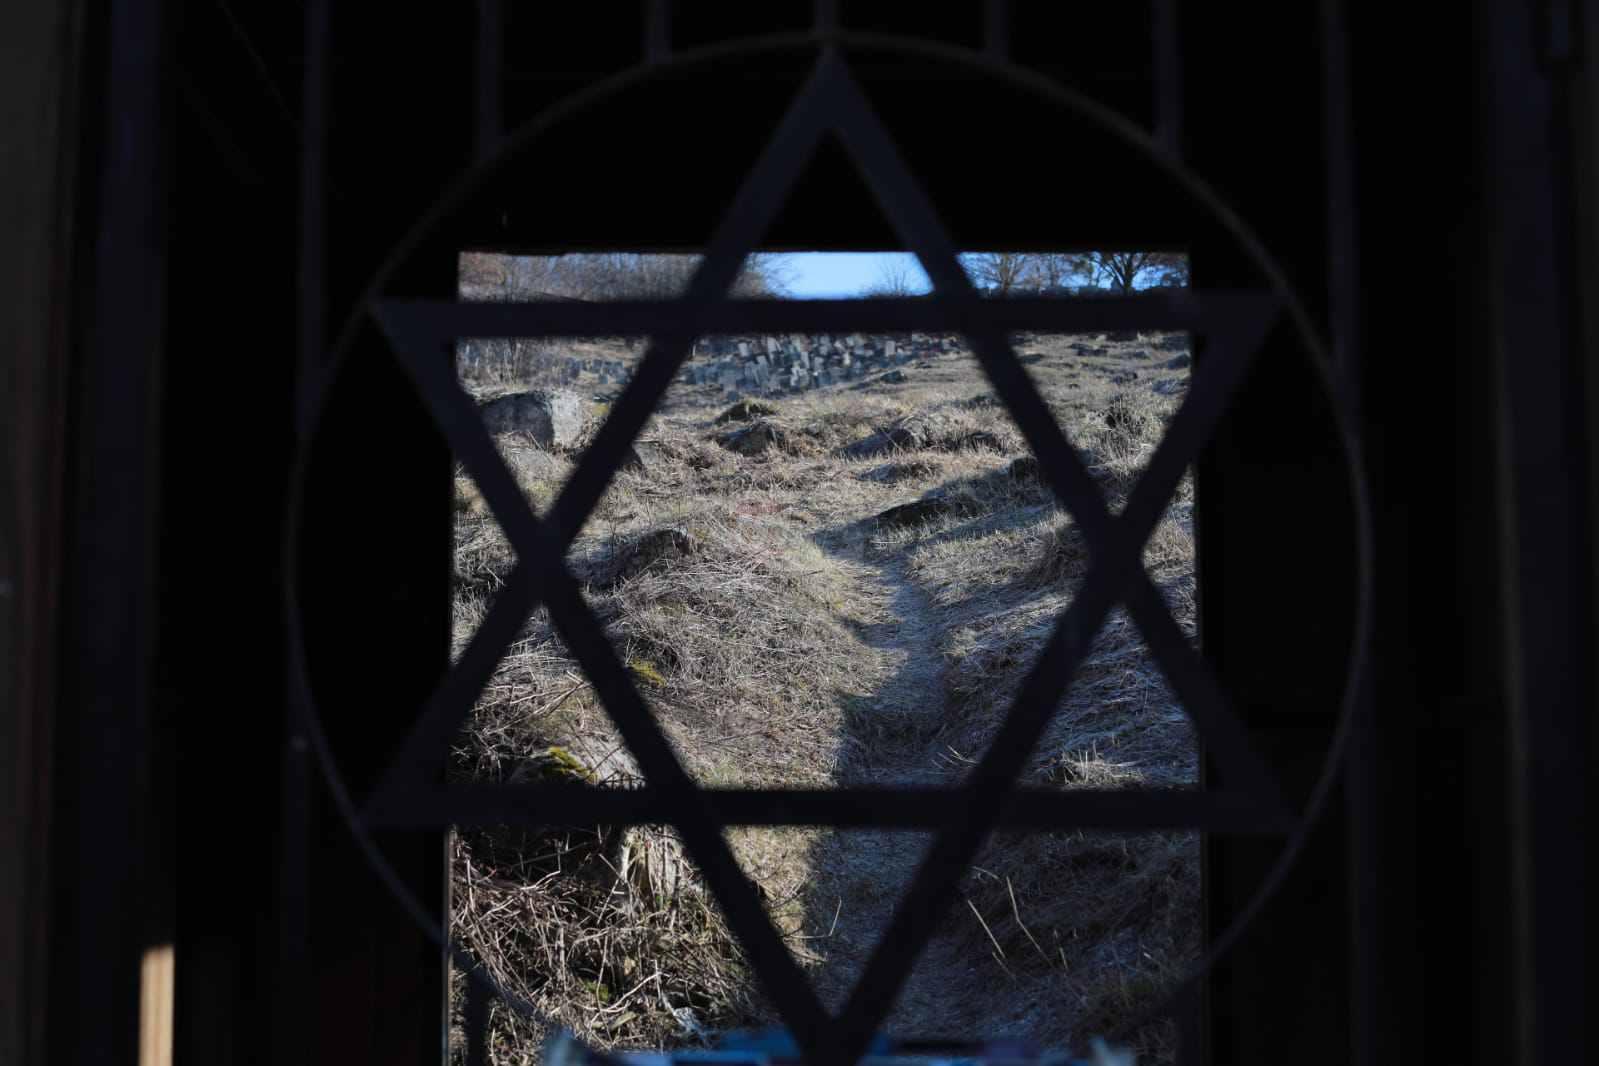 מסע שפירא יום ג' צילום יעקב נחומי (1)